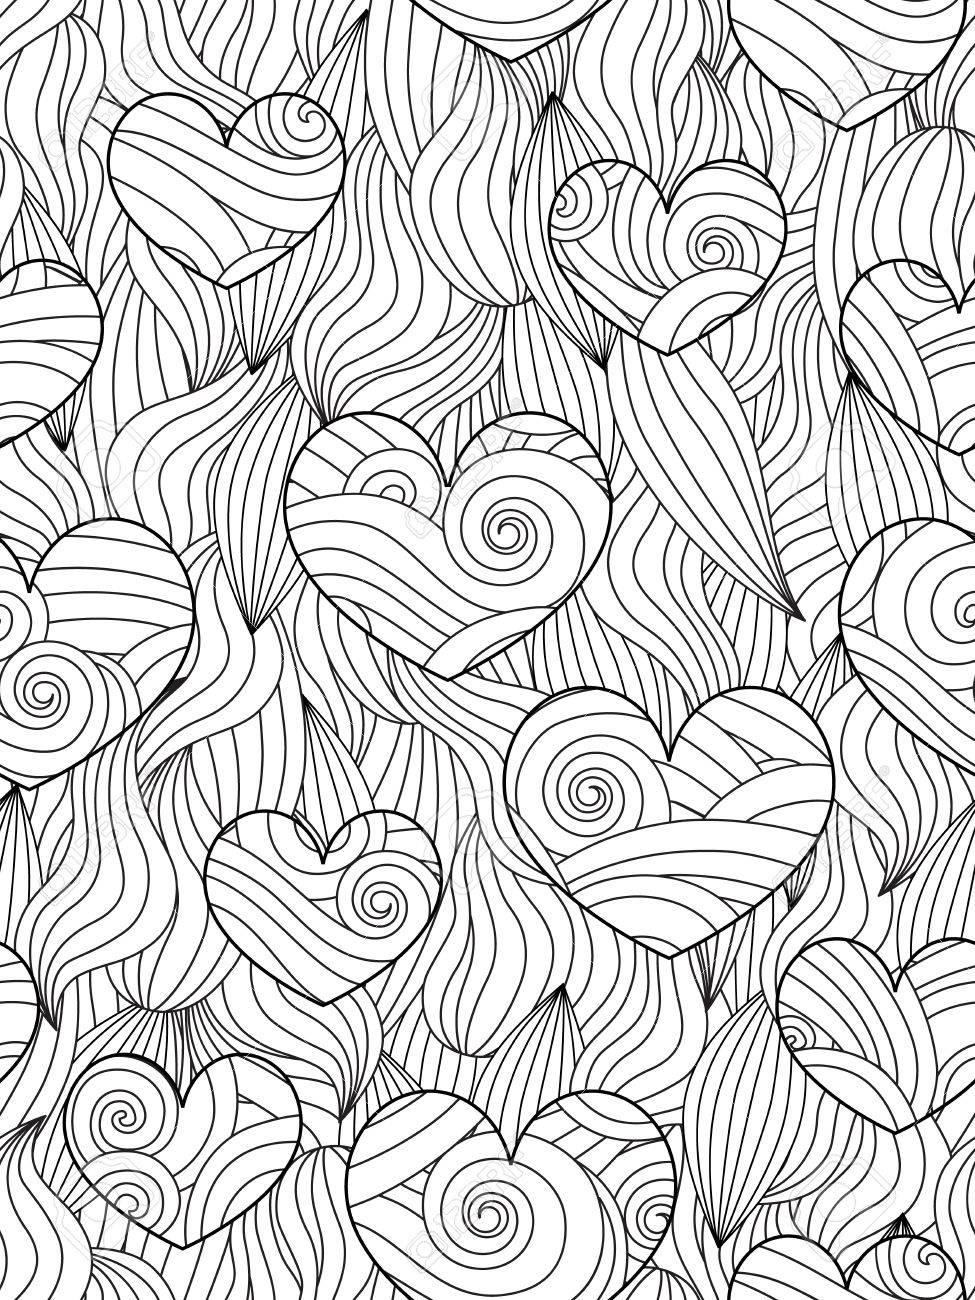 Excepcional Páginas Abstractas Para Colorear Para Niños Patrón ...